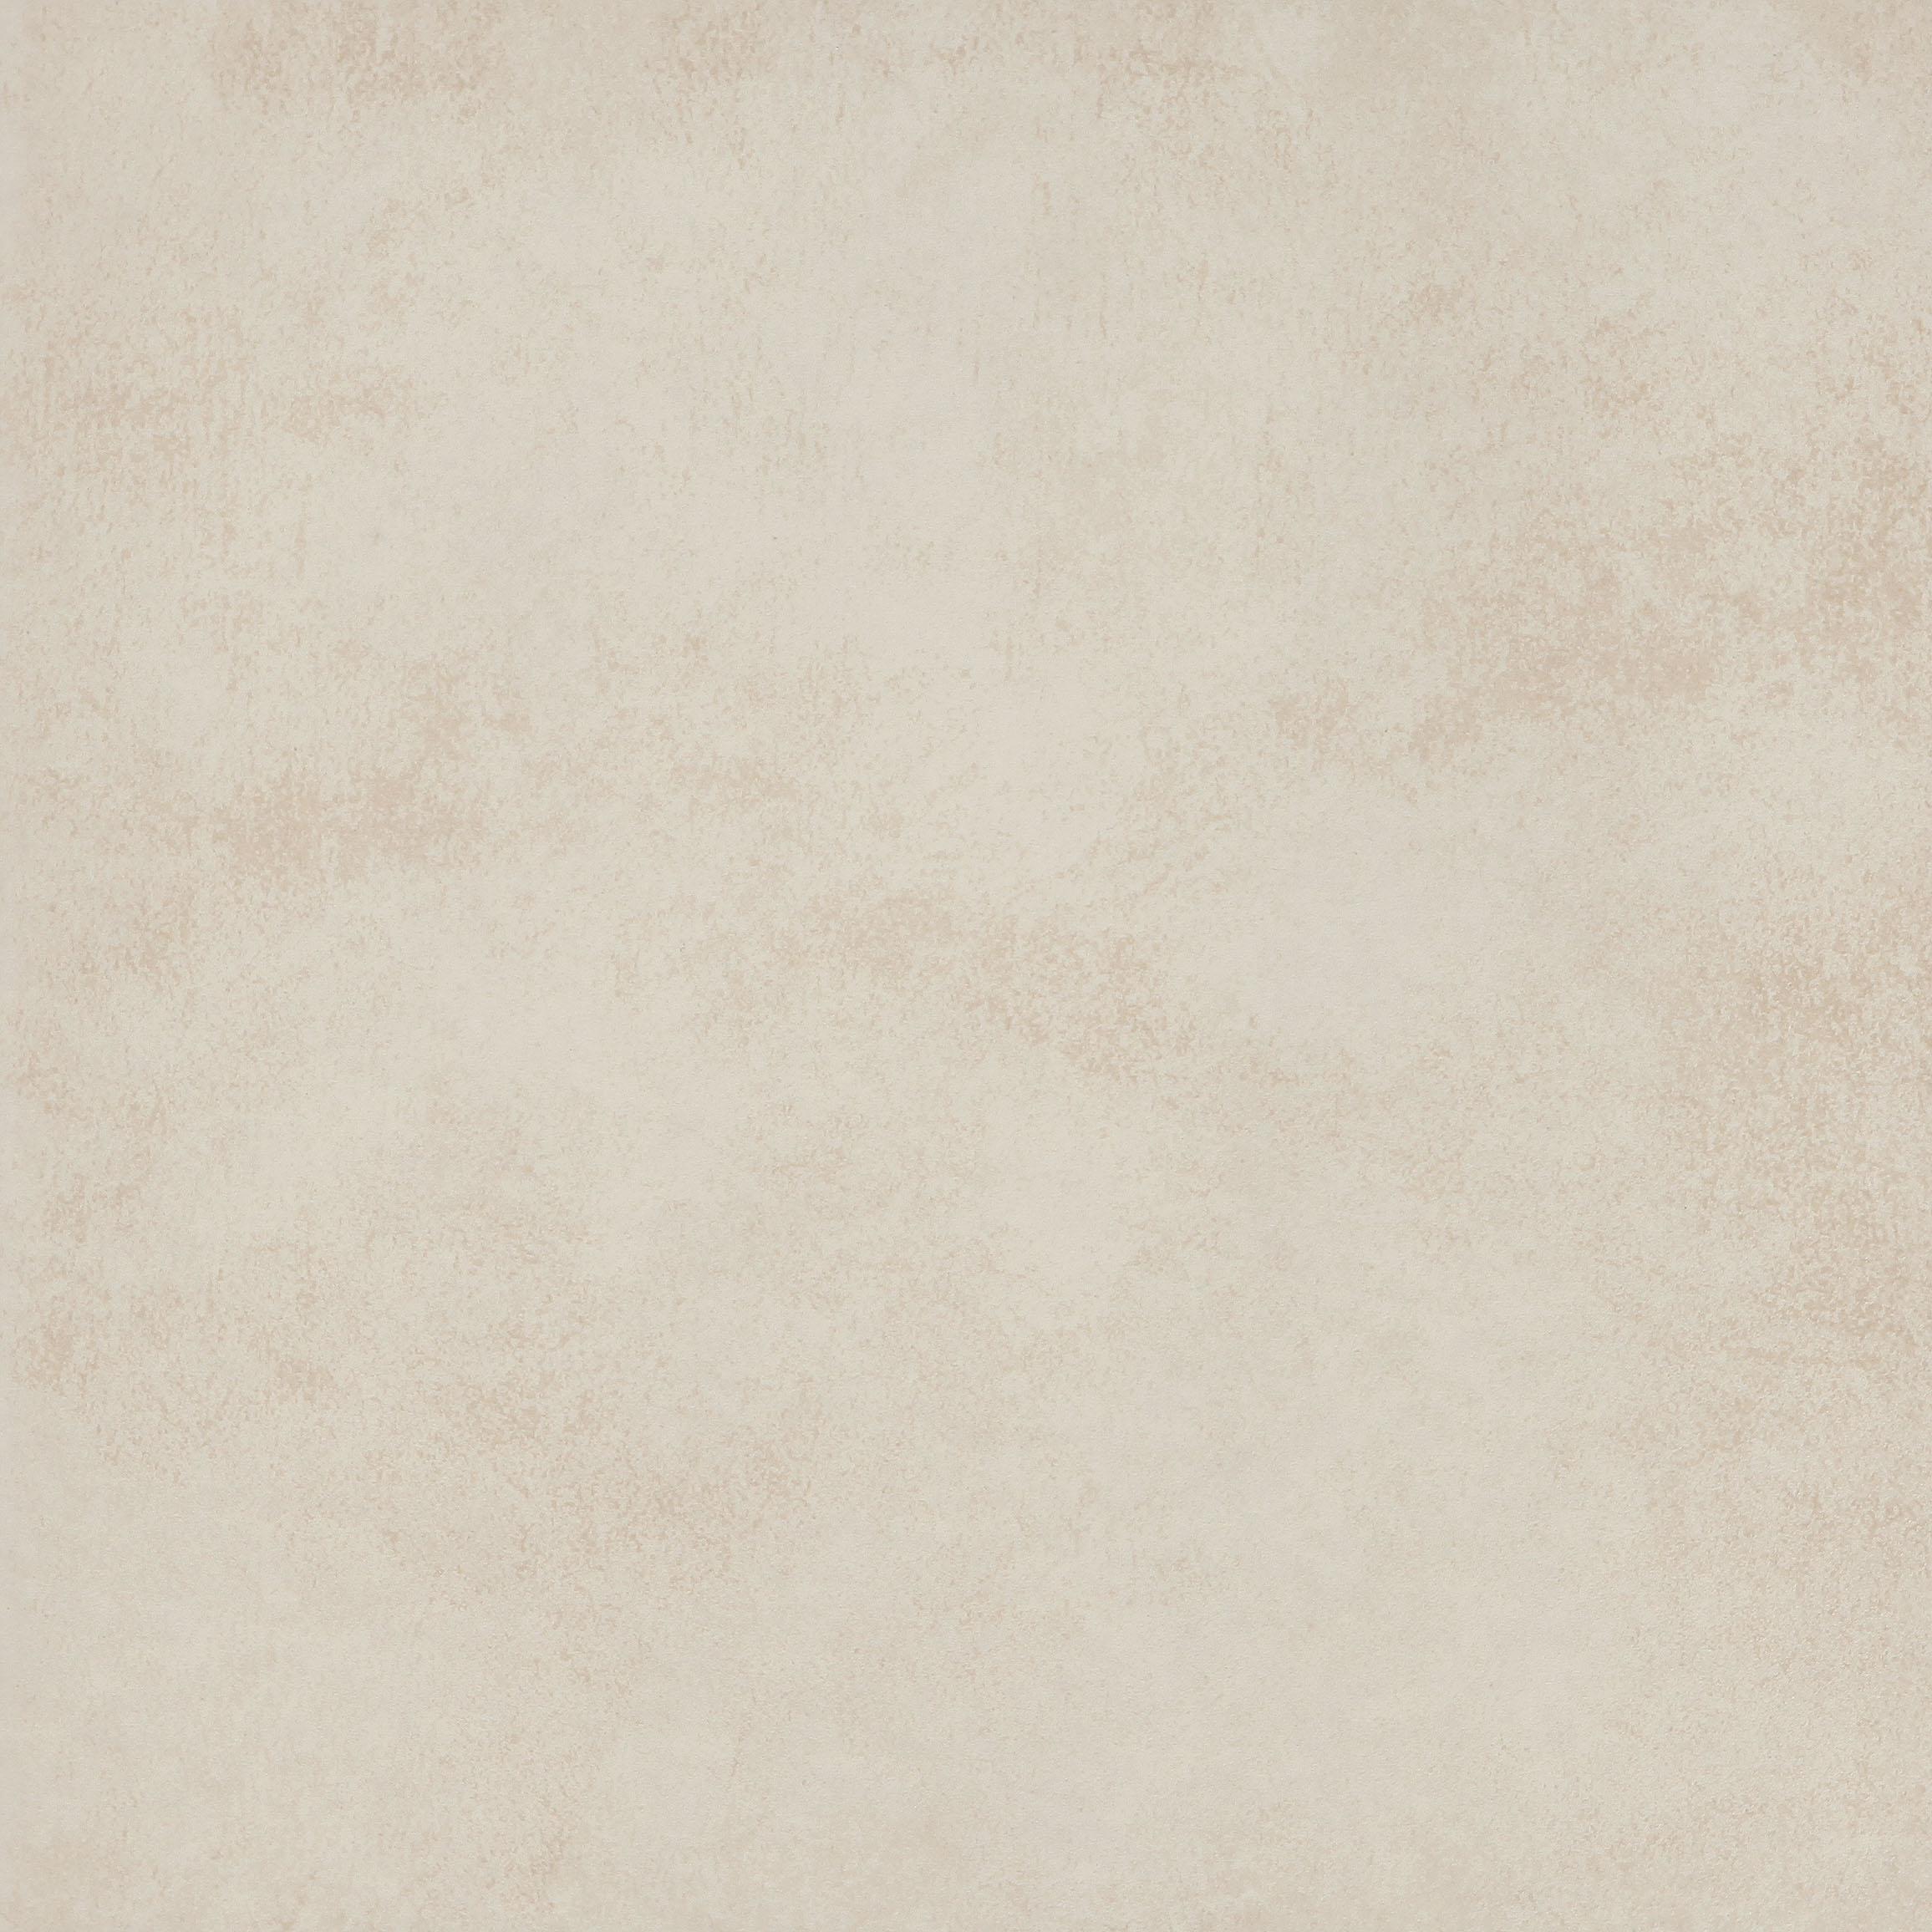 Fliesen Kemmler Wand Und Bodenfliese Sambuci In Der Farbe Beige - Terracotta fliesen 33x33